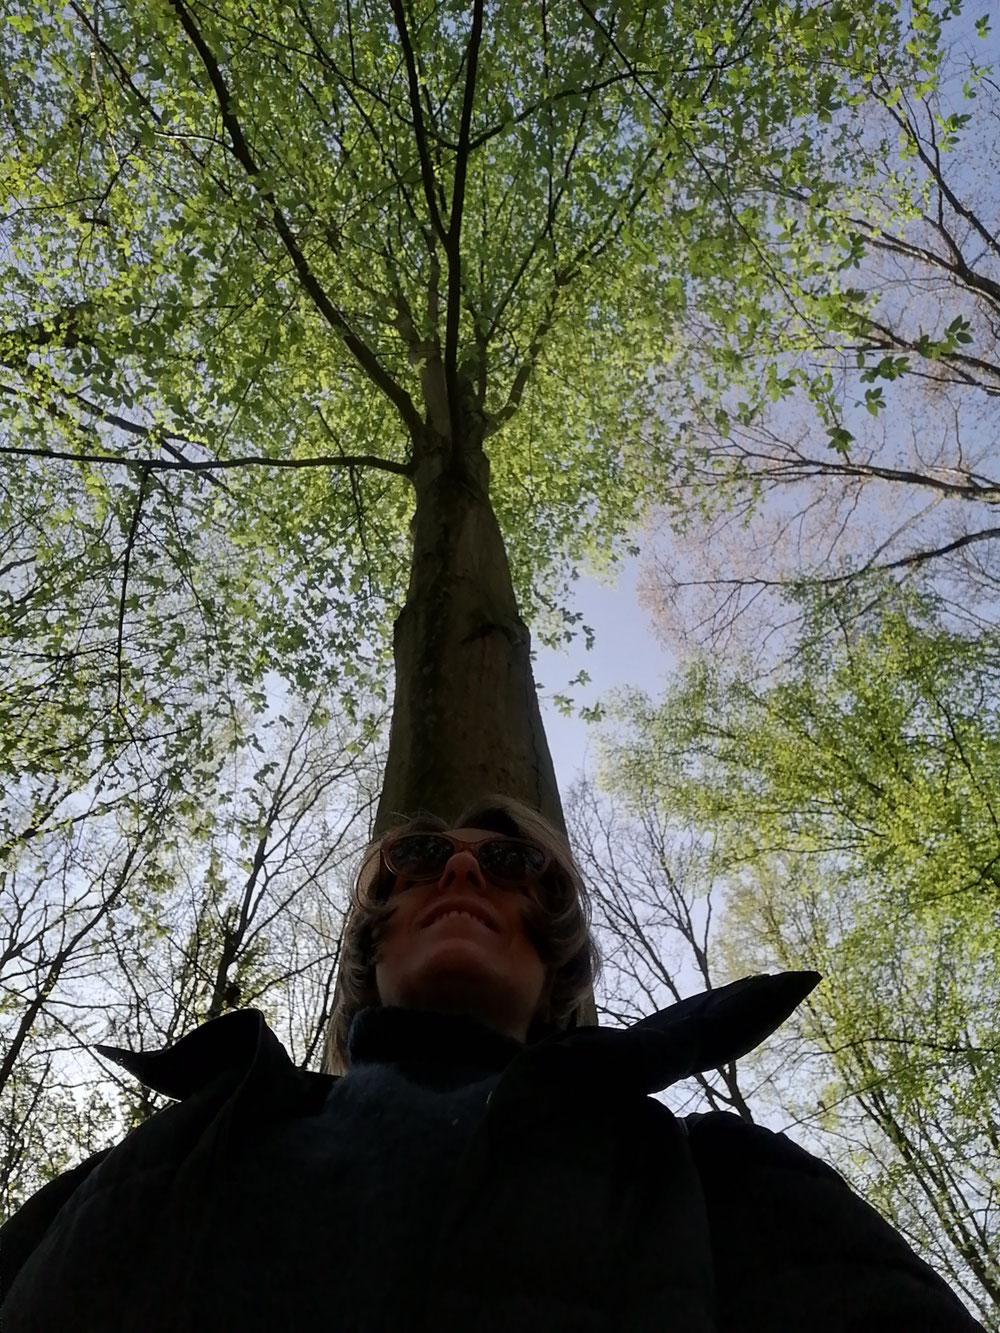 Immer den Kronenpunkt, wie der Baum seine Krone, zum Himmel ausrichten